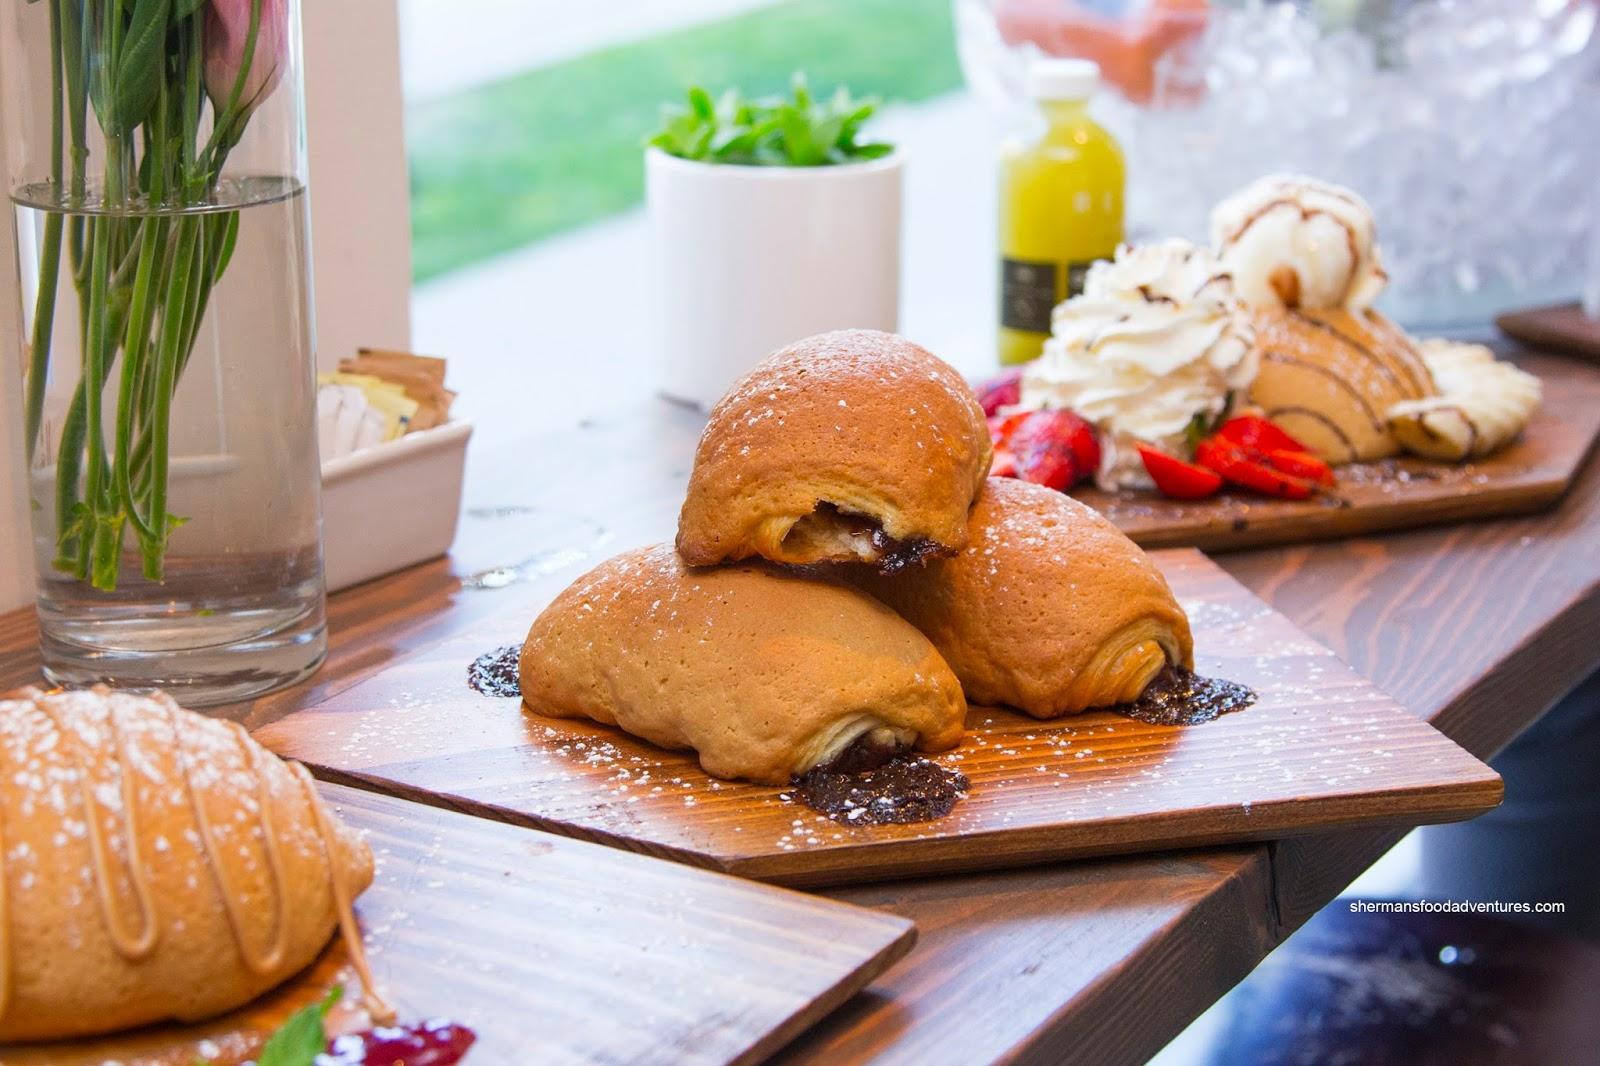 要做面包店加盟代理,选择帕帕罗蒂!